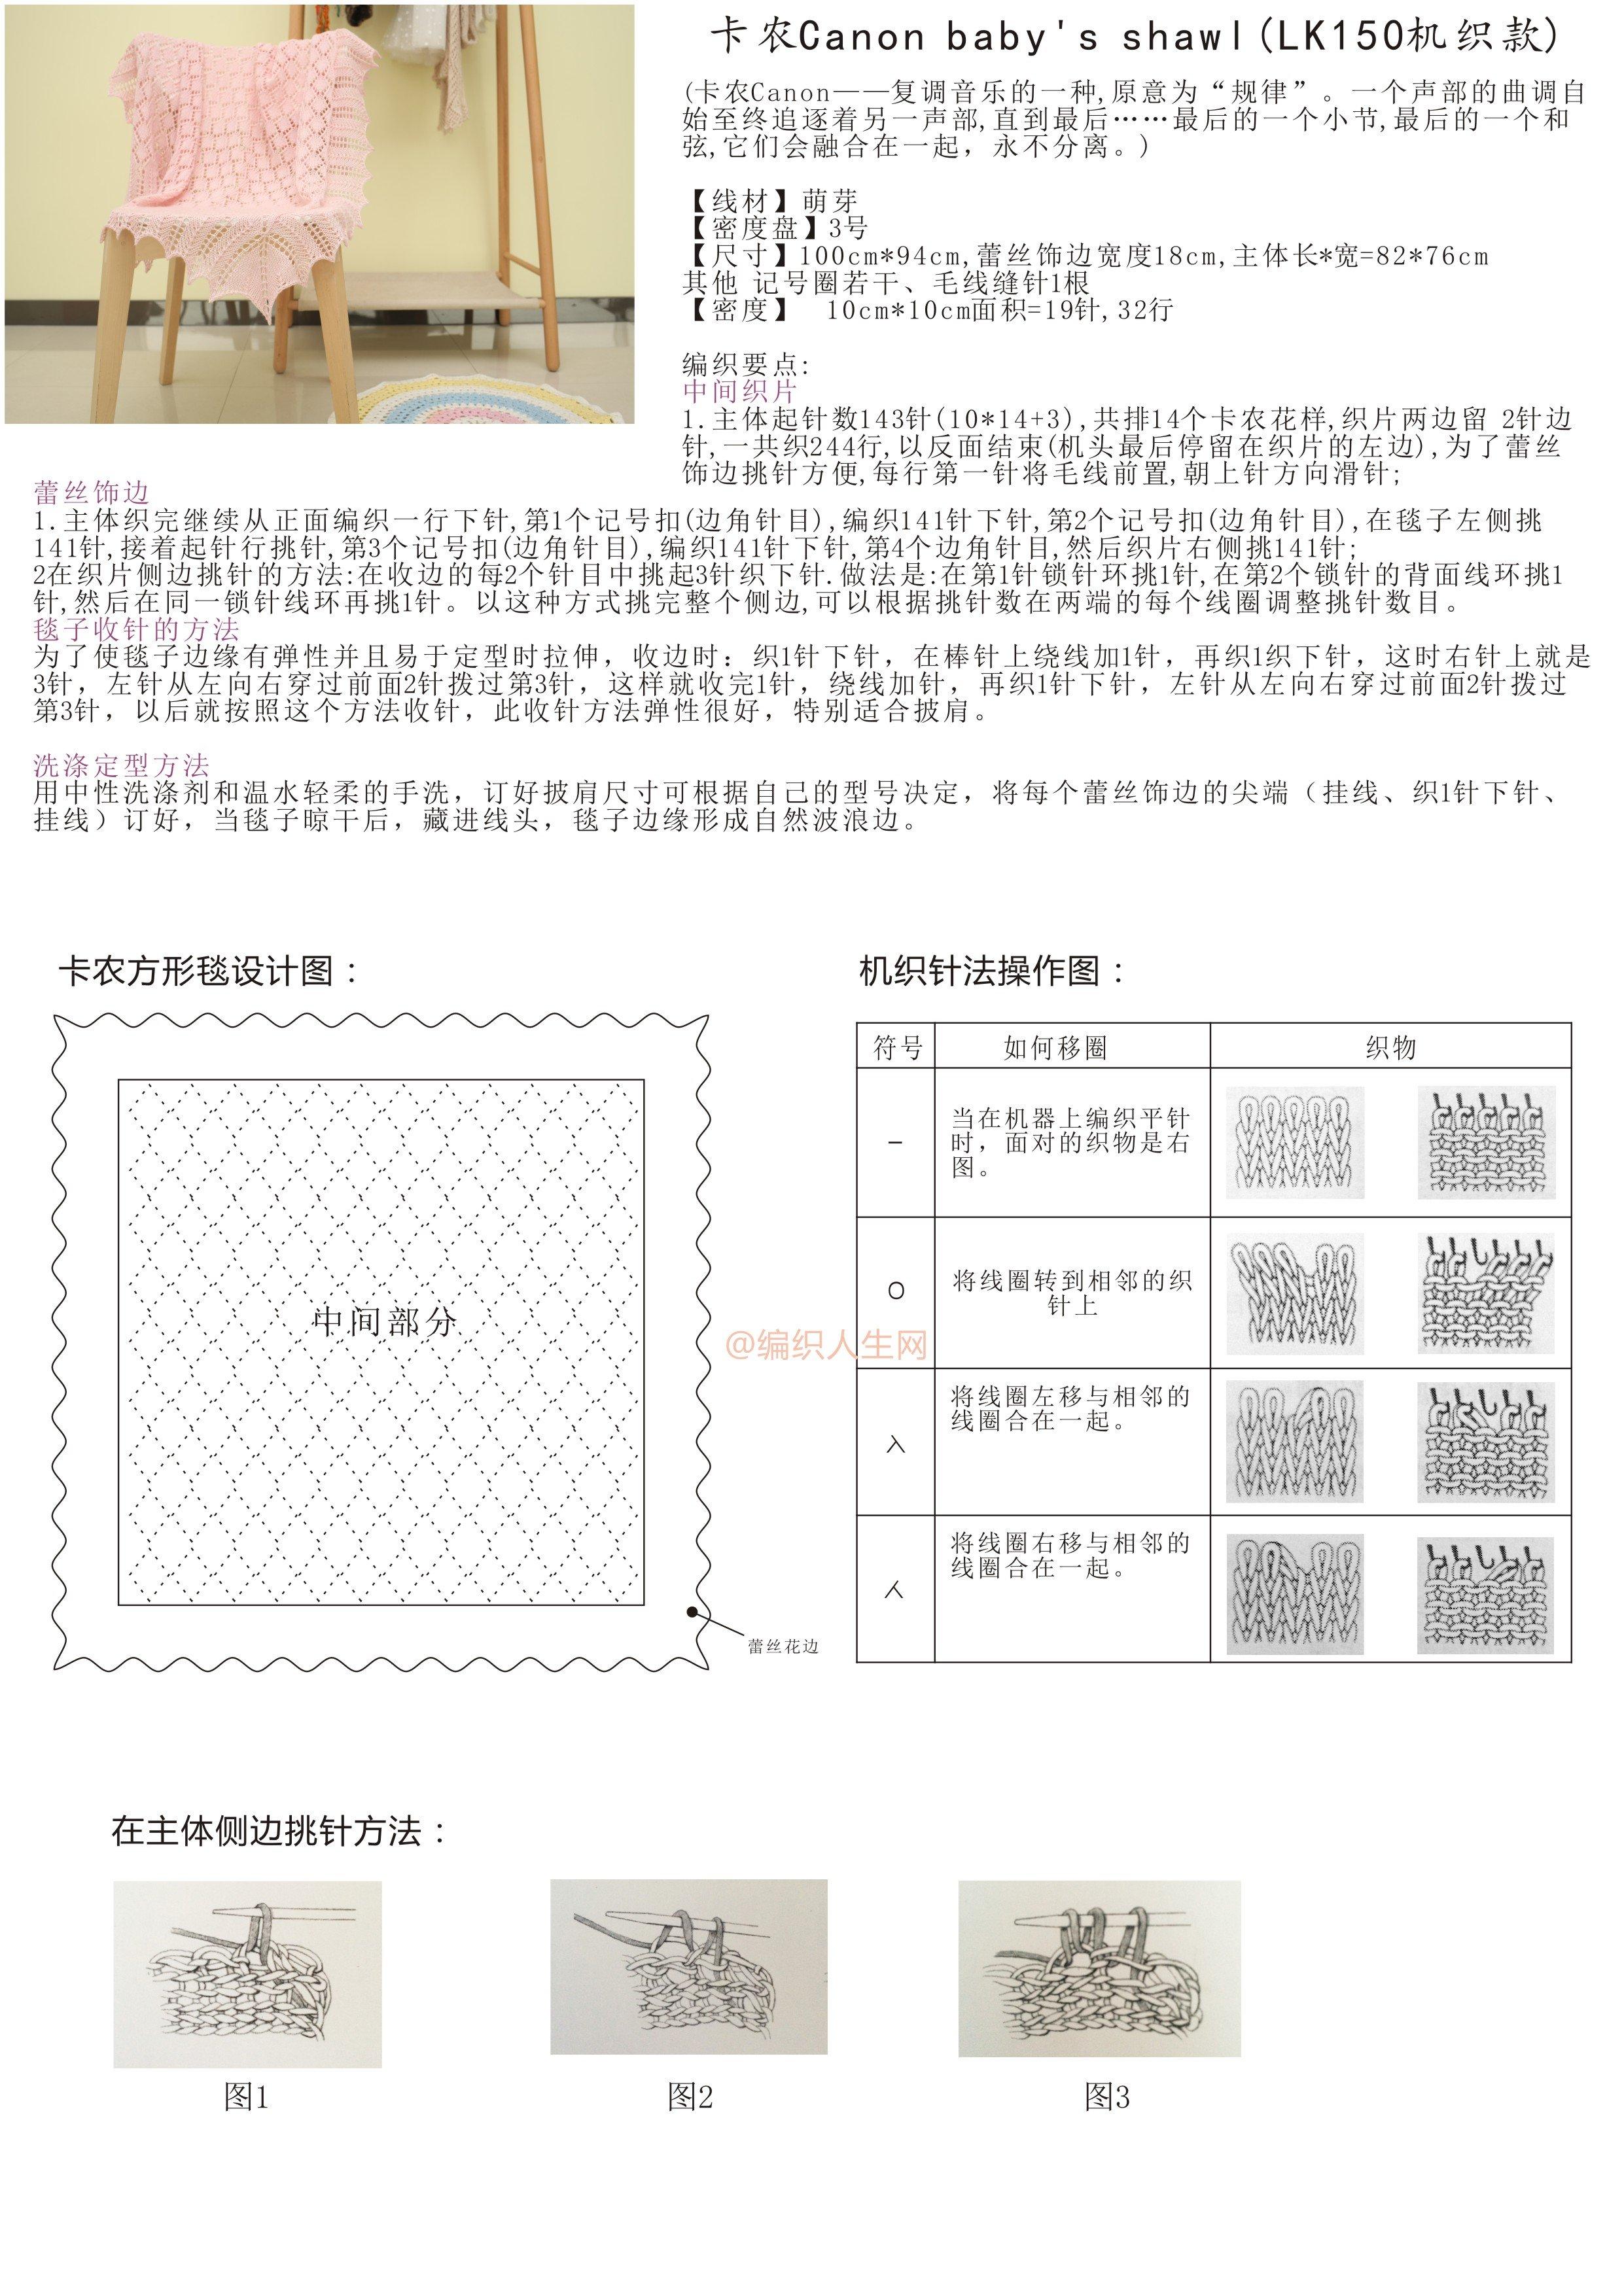 宝宝毯设计-LK150-1.jpg